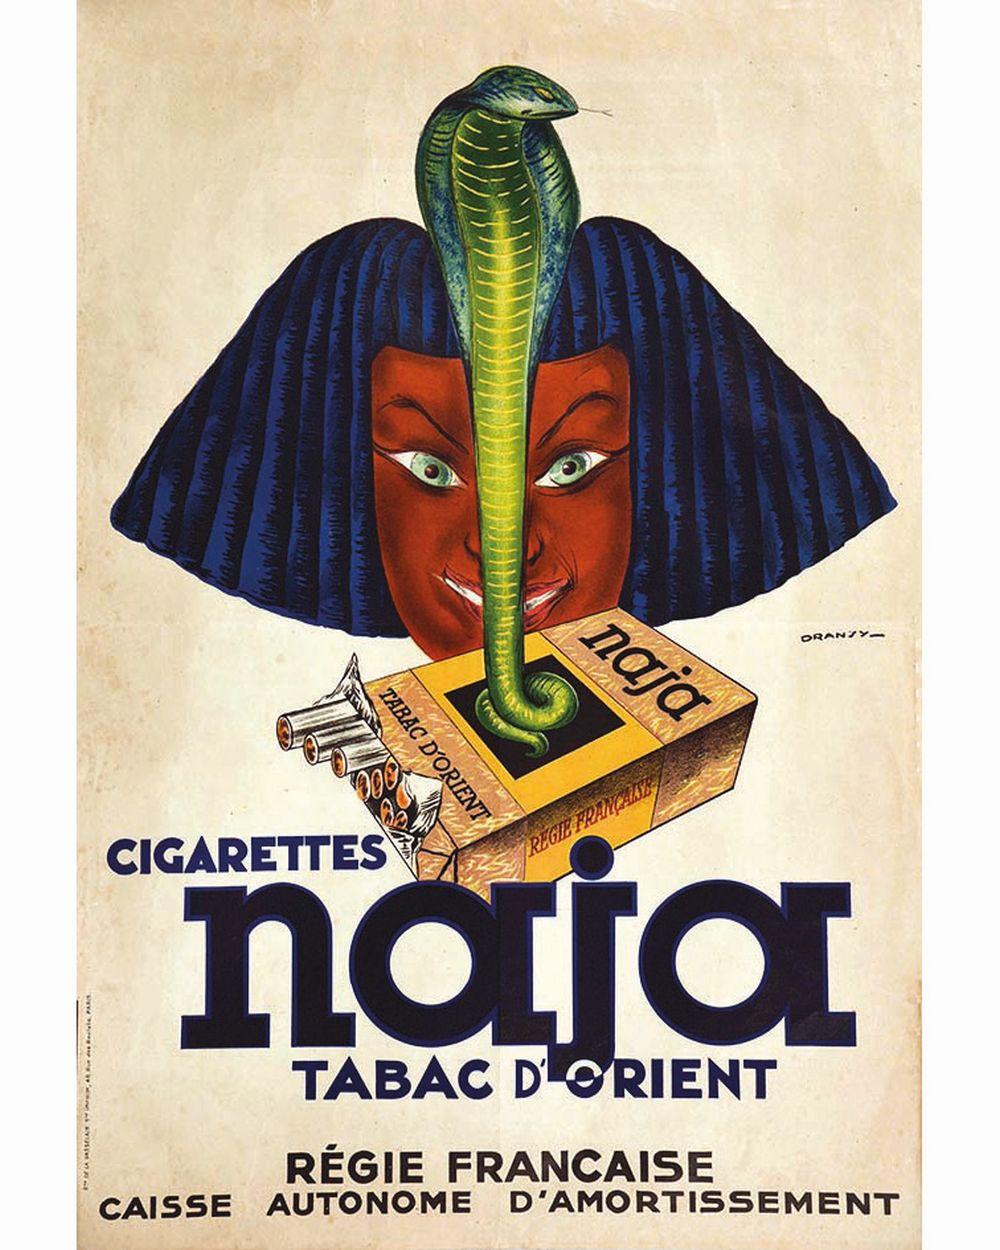 DRANSY - Cigarettes Naja Tabac d'Orient - Régie Française.     vers 1930